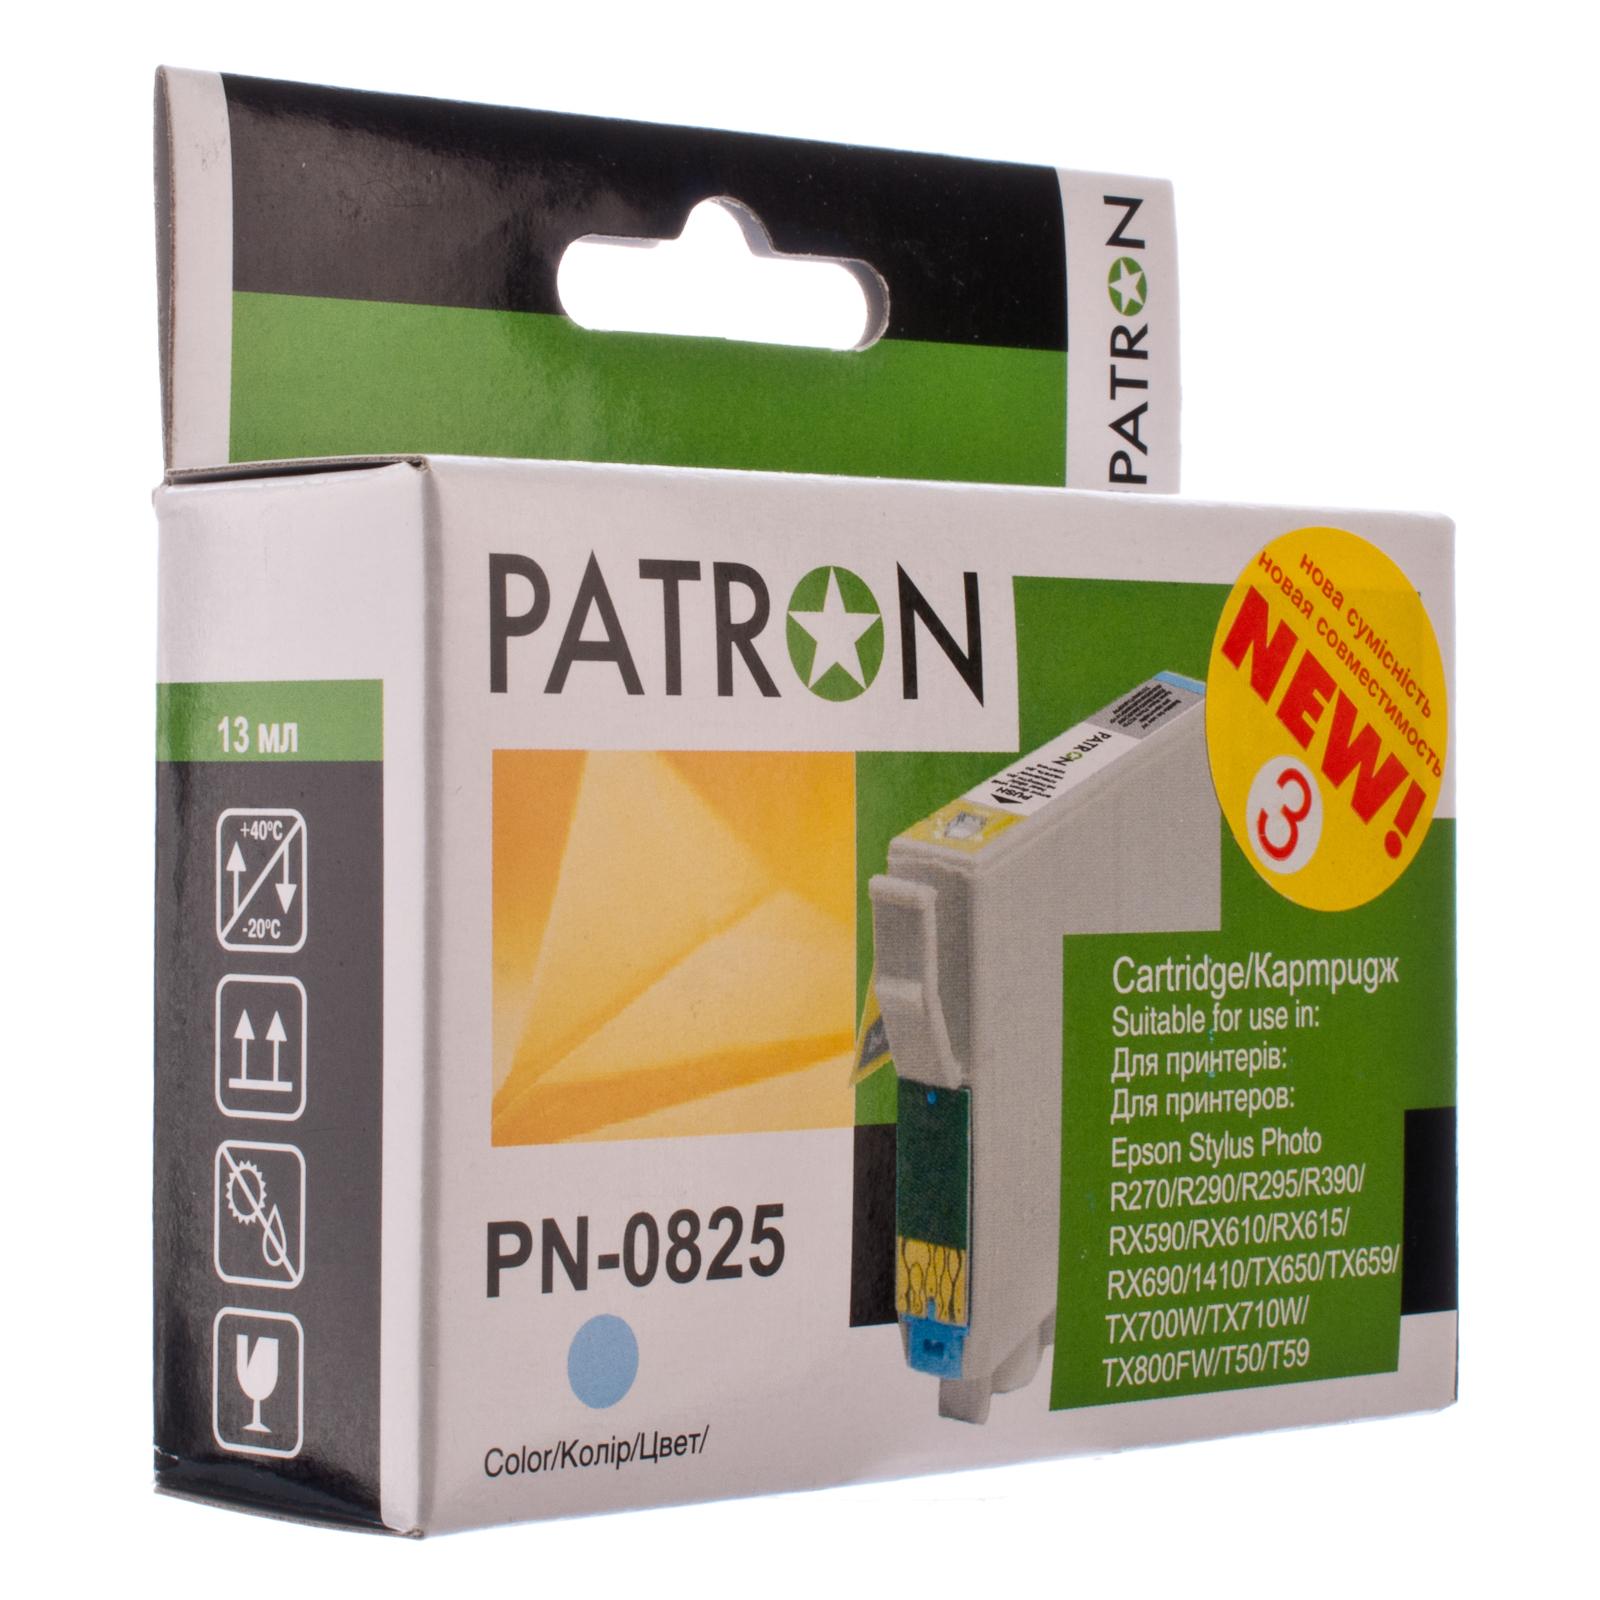 Картридж PATRON для EPSON R270/290/390/RX590 LIGHT CYAN (PN-0825) (CI-EPS-T08154-LC3-PN)